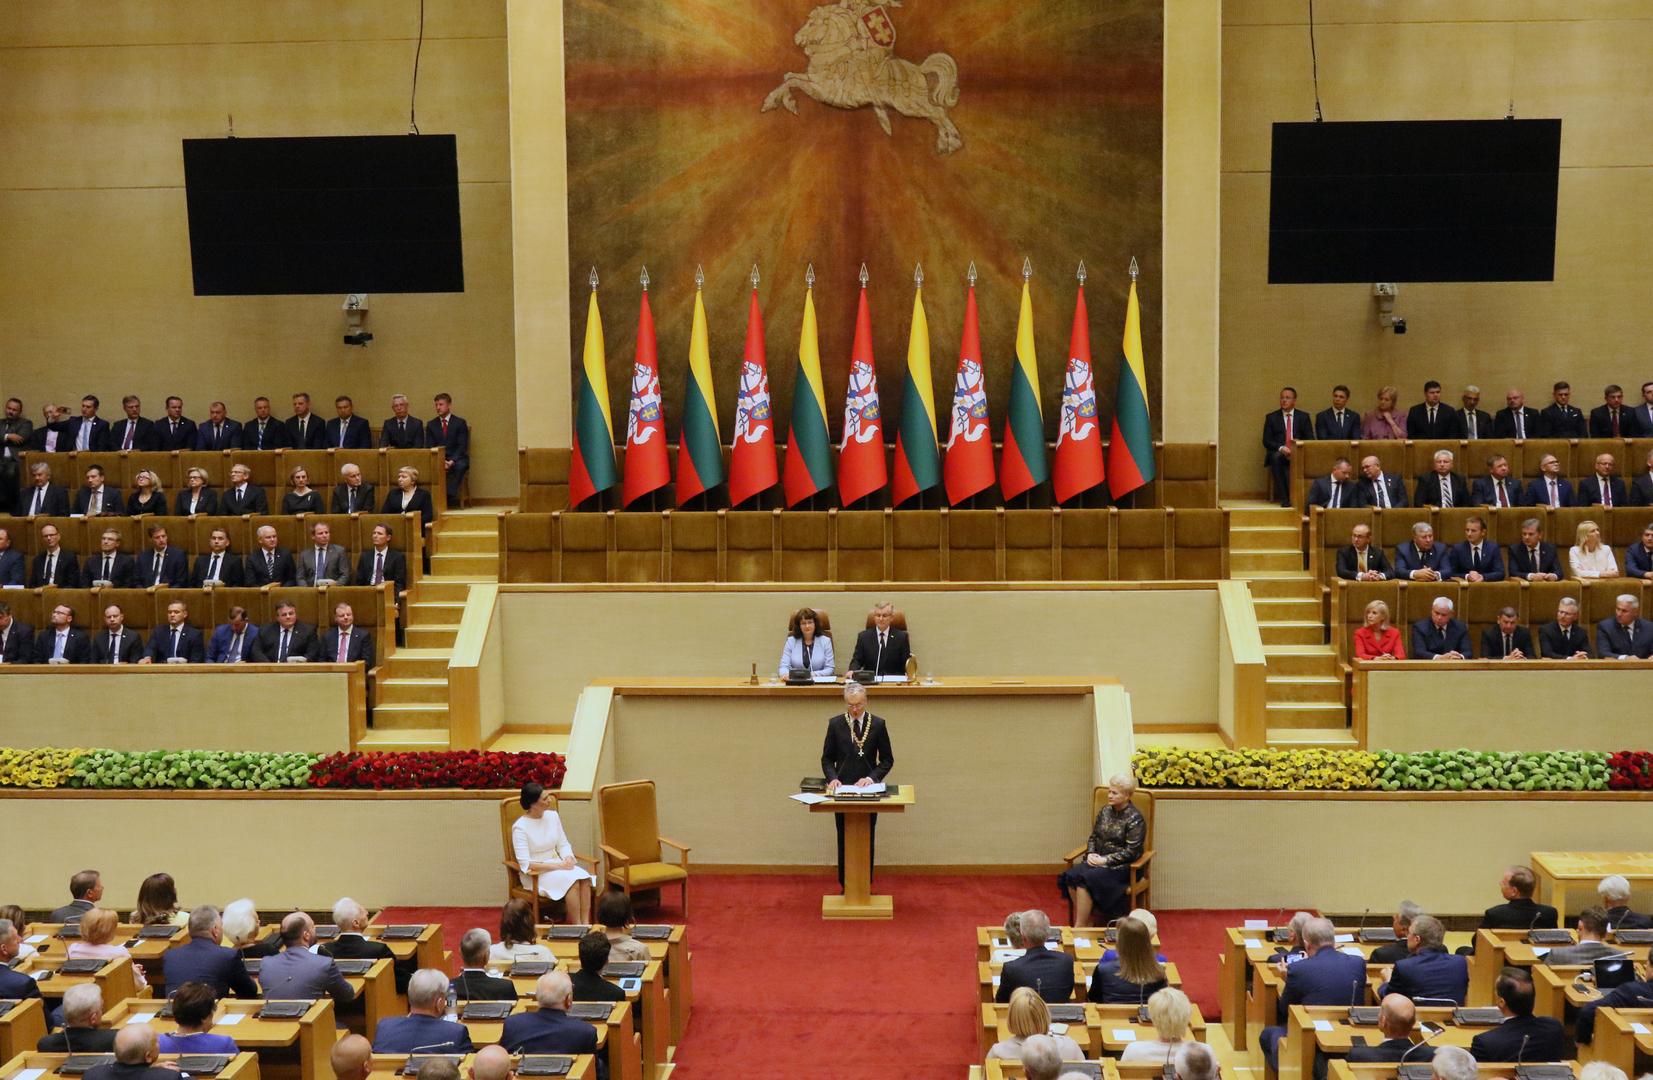 البرلمان الليتواني يدعو للاعتراف بتيخانوفسكايا رئيسة منتخبة لبيلاروس